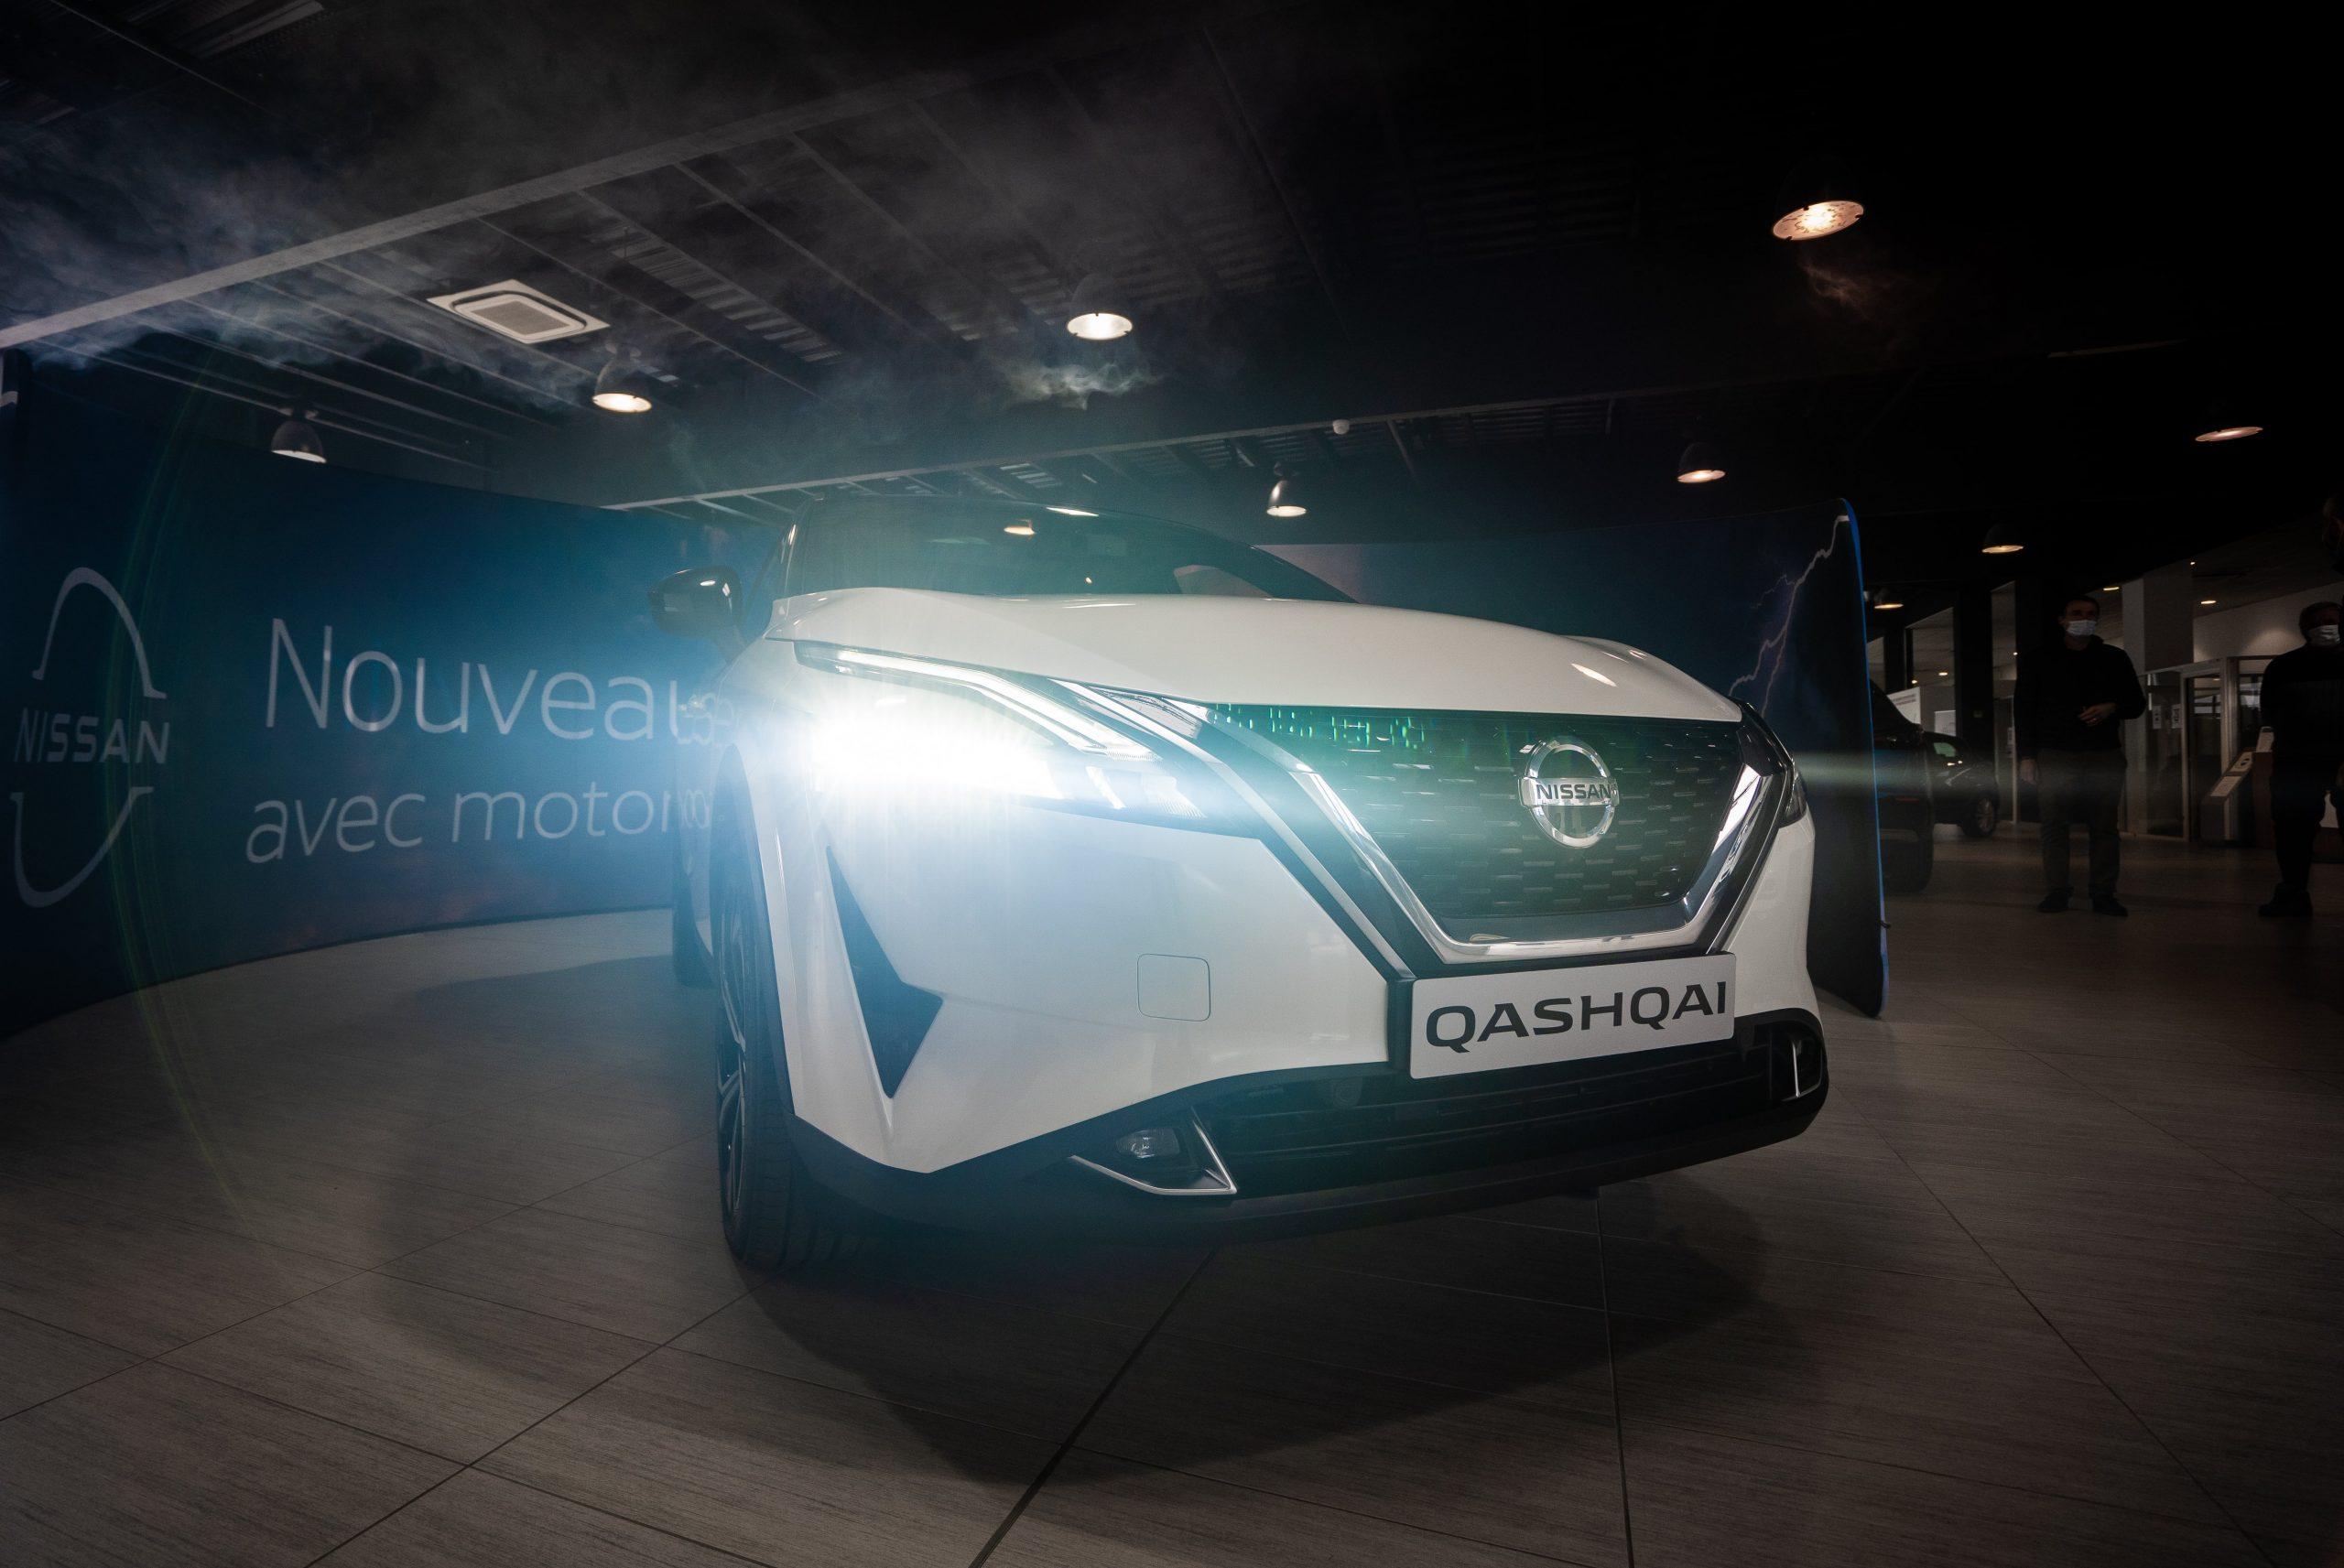 Photographe vidéaste Bordeaux : évènement Nissan